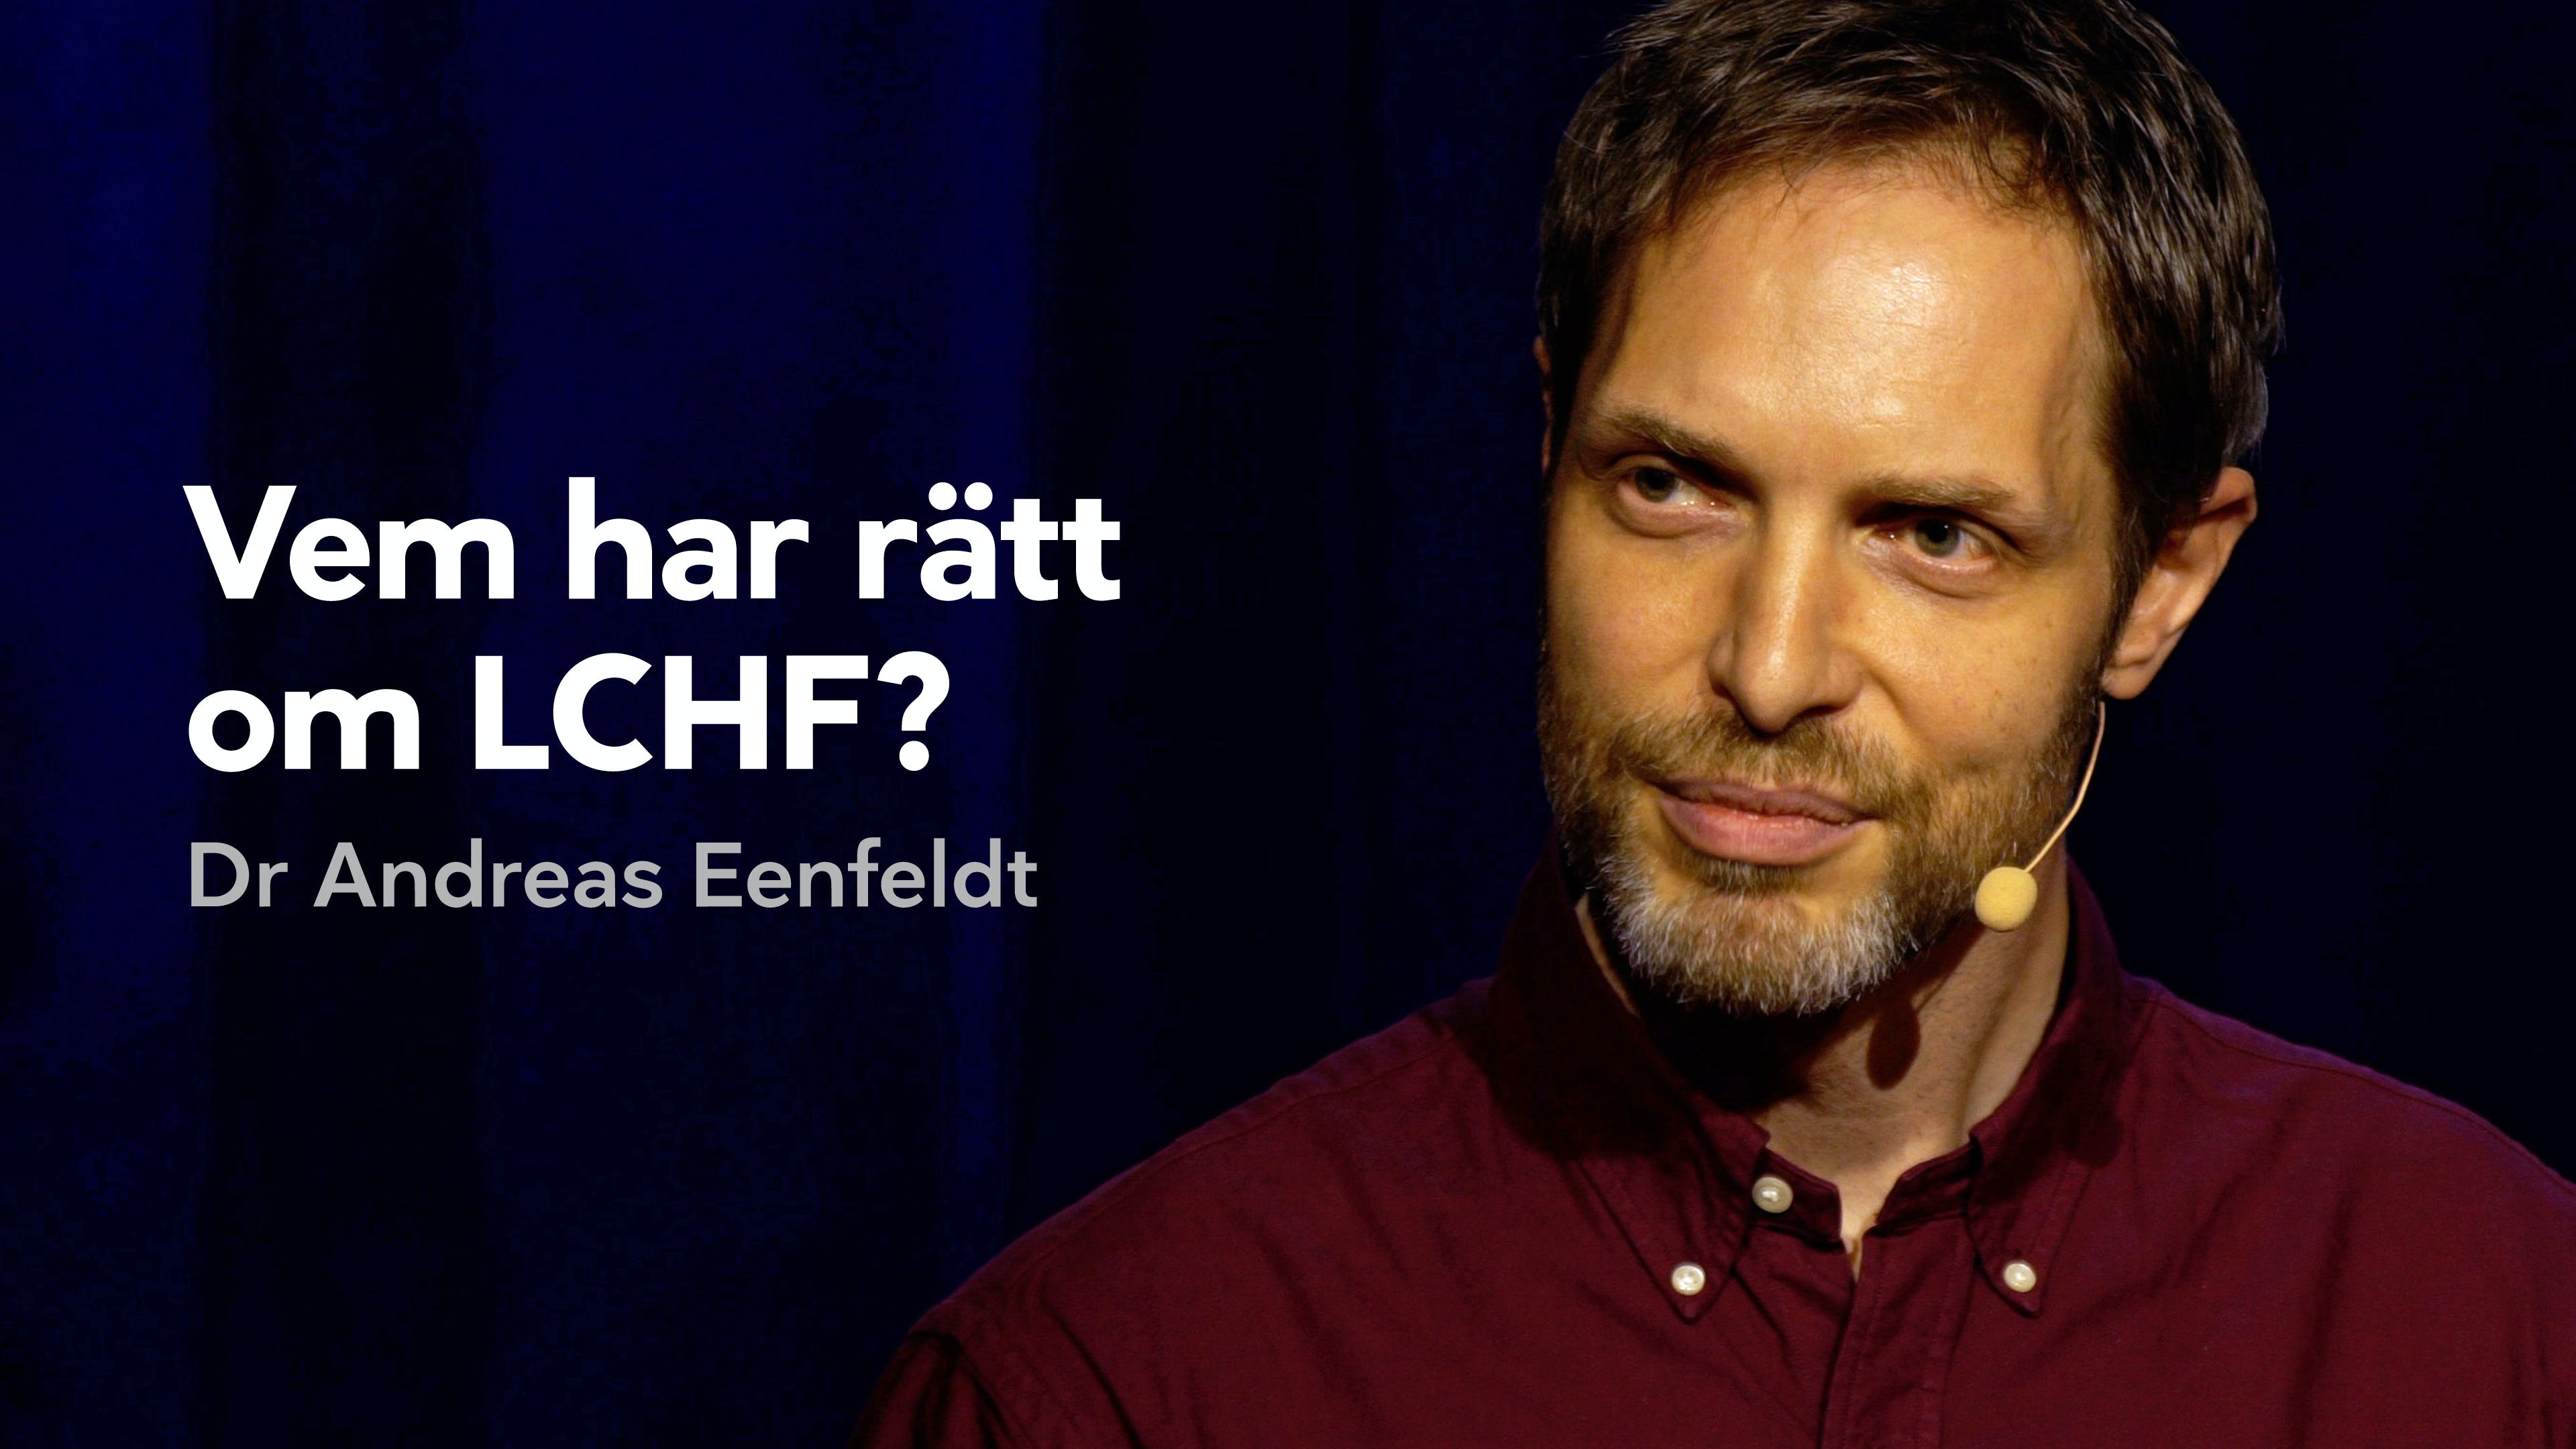 Vem har rätt om LCHF?